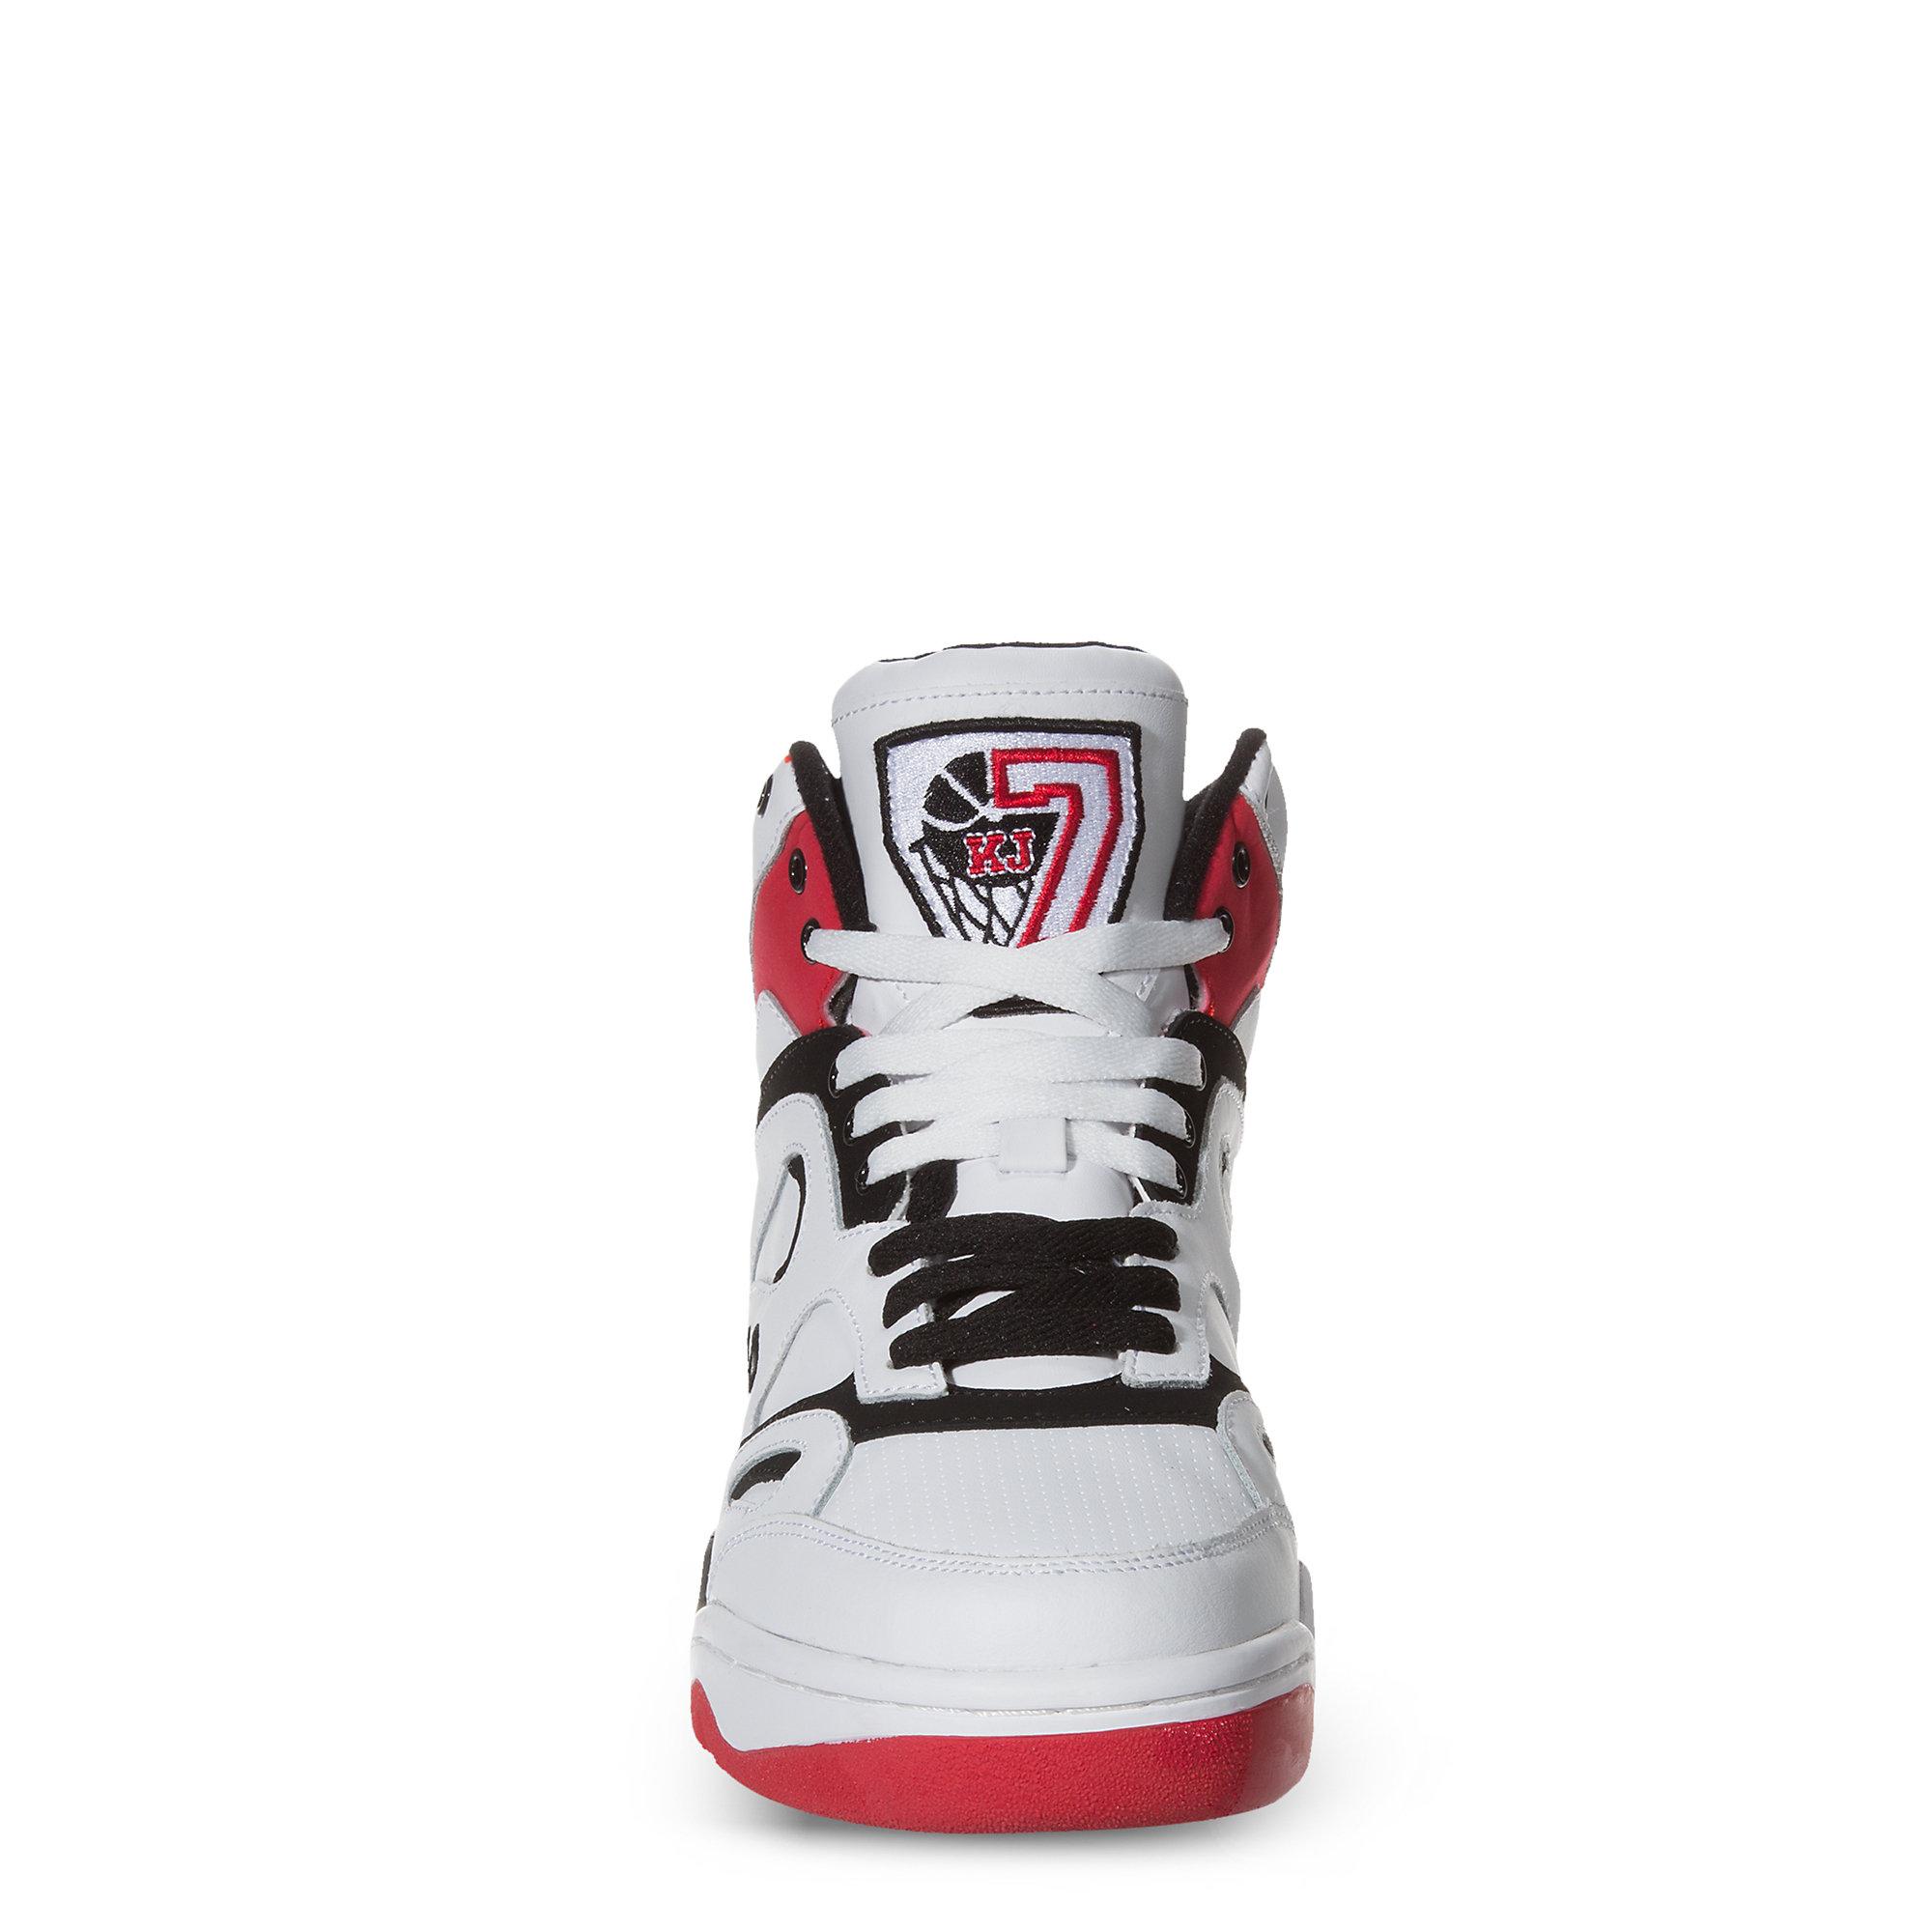 release-reminder-fila-kj7-white-black-fila-red-3